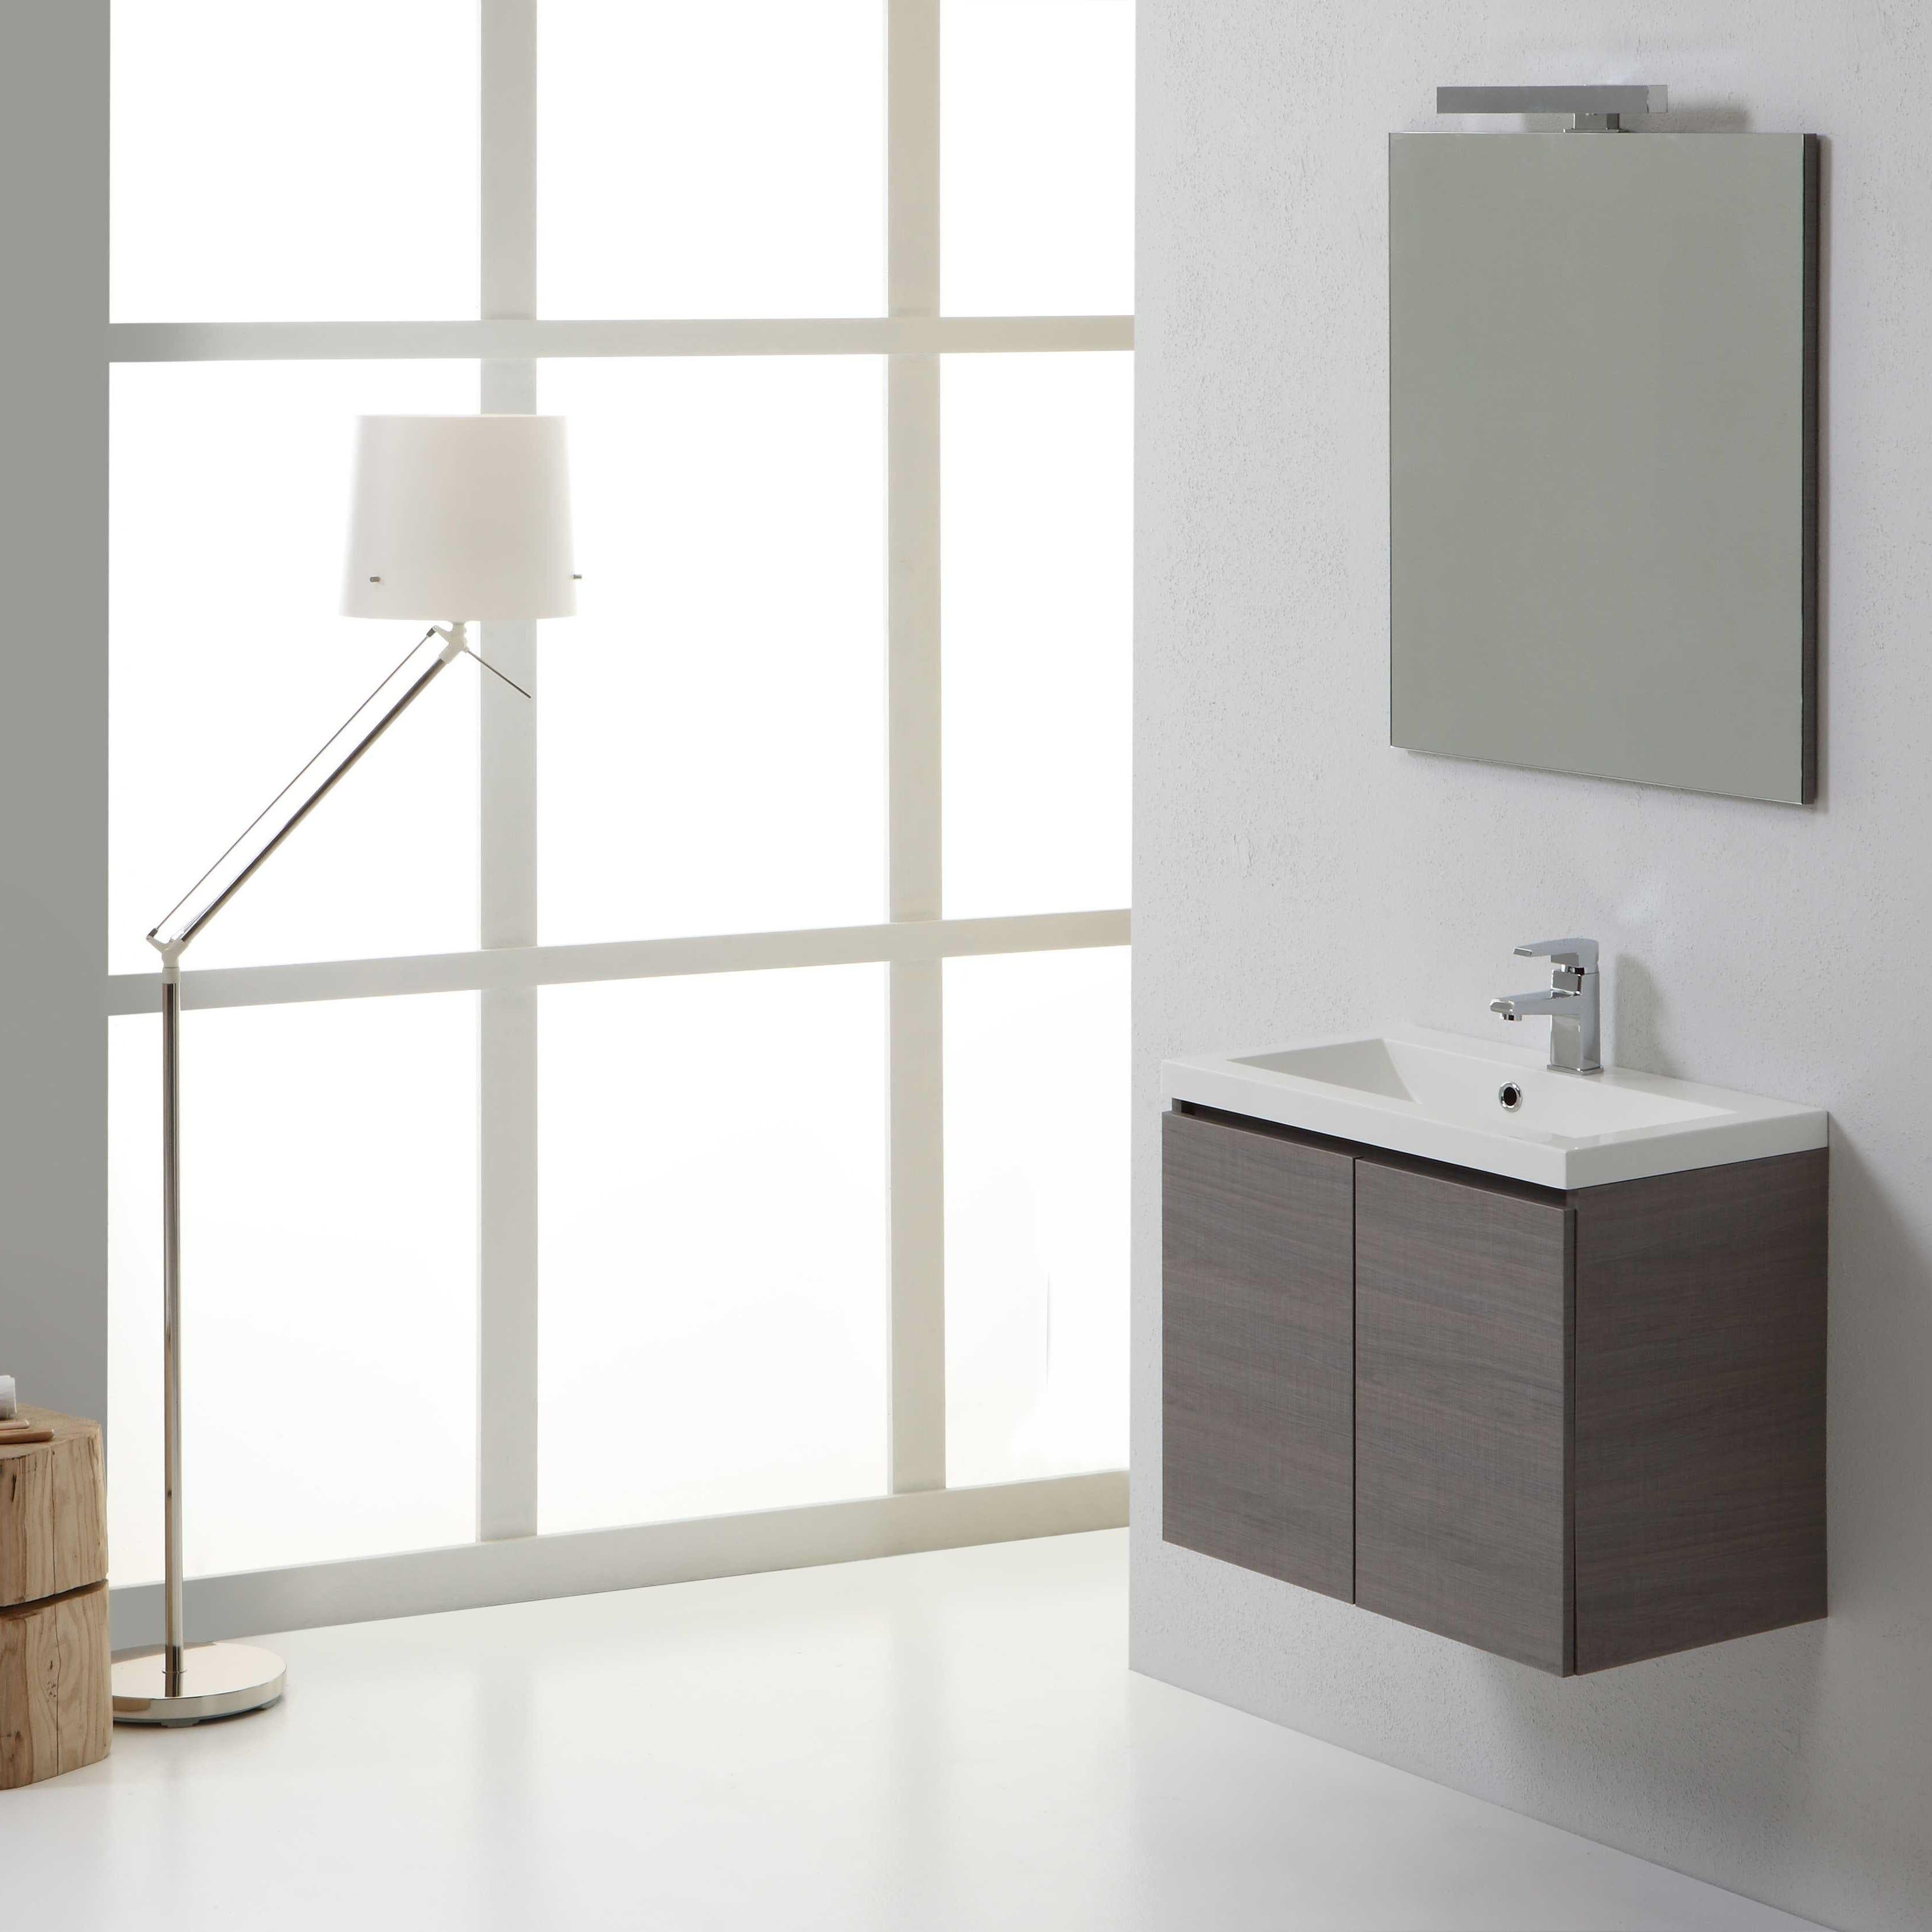 Mobile da bagno 60 cm due ante specchio e lampada finitura legno grigio ebay - Specchio bagno legno ...